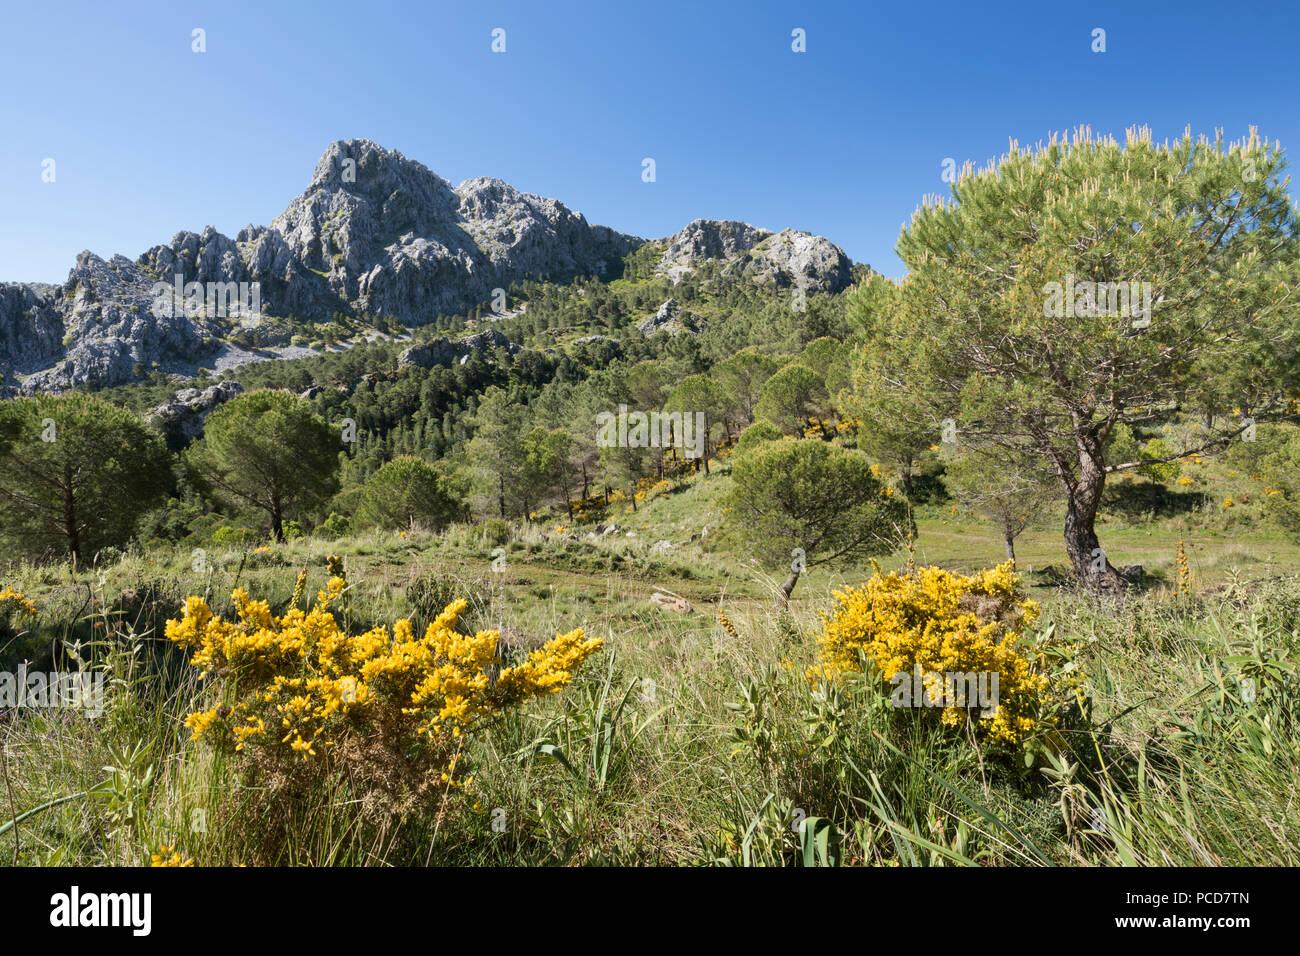 Zerklüftete Berglandschaft im Frühjahr in der Nähe von Grazalema, Naturpark Sierra de Grazalema, Andalusien, Spanien, Europa Stockbild